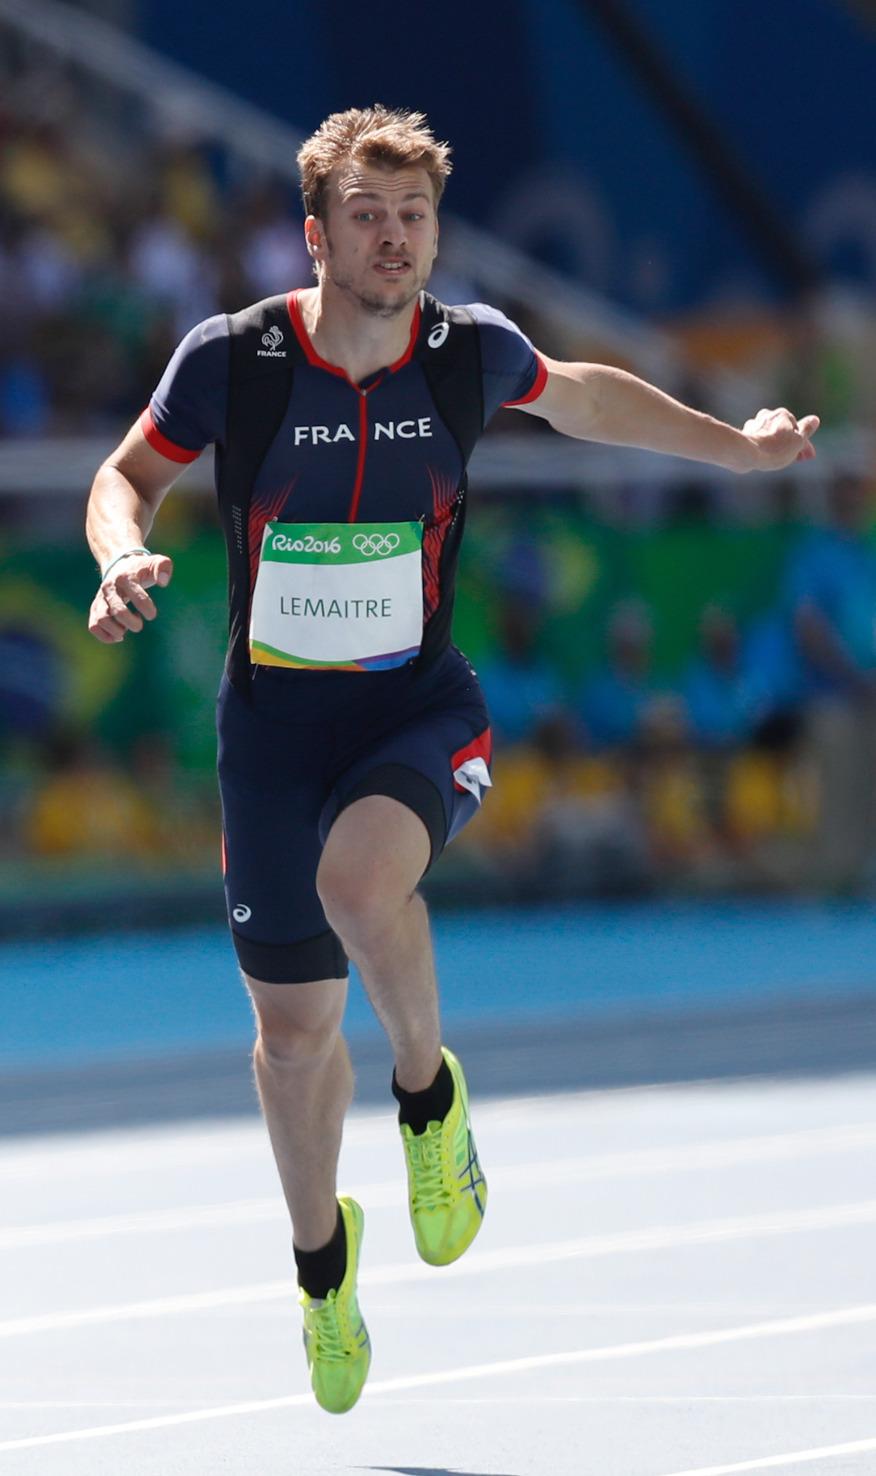 Rio de Janeiro - Rodada classificatória na prova de 100m rasos de atletismo dos Jogos Rio 2016 Estádio Olímpico. (Fernando Frazão/Agência Brasil)